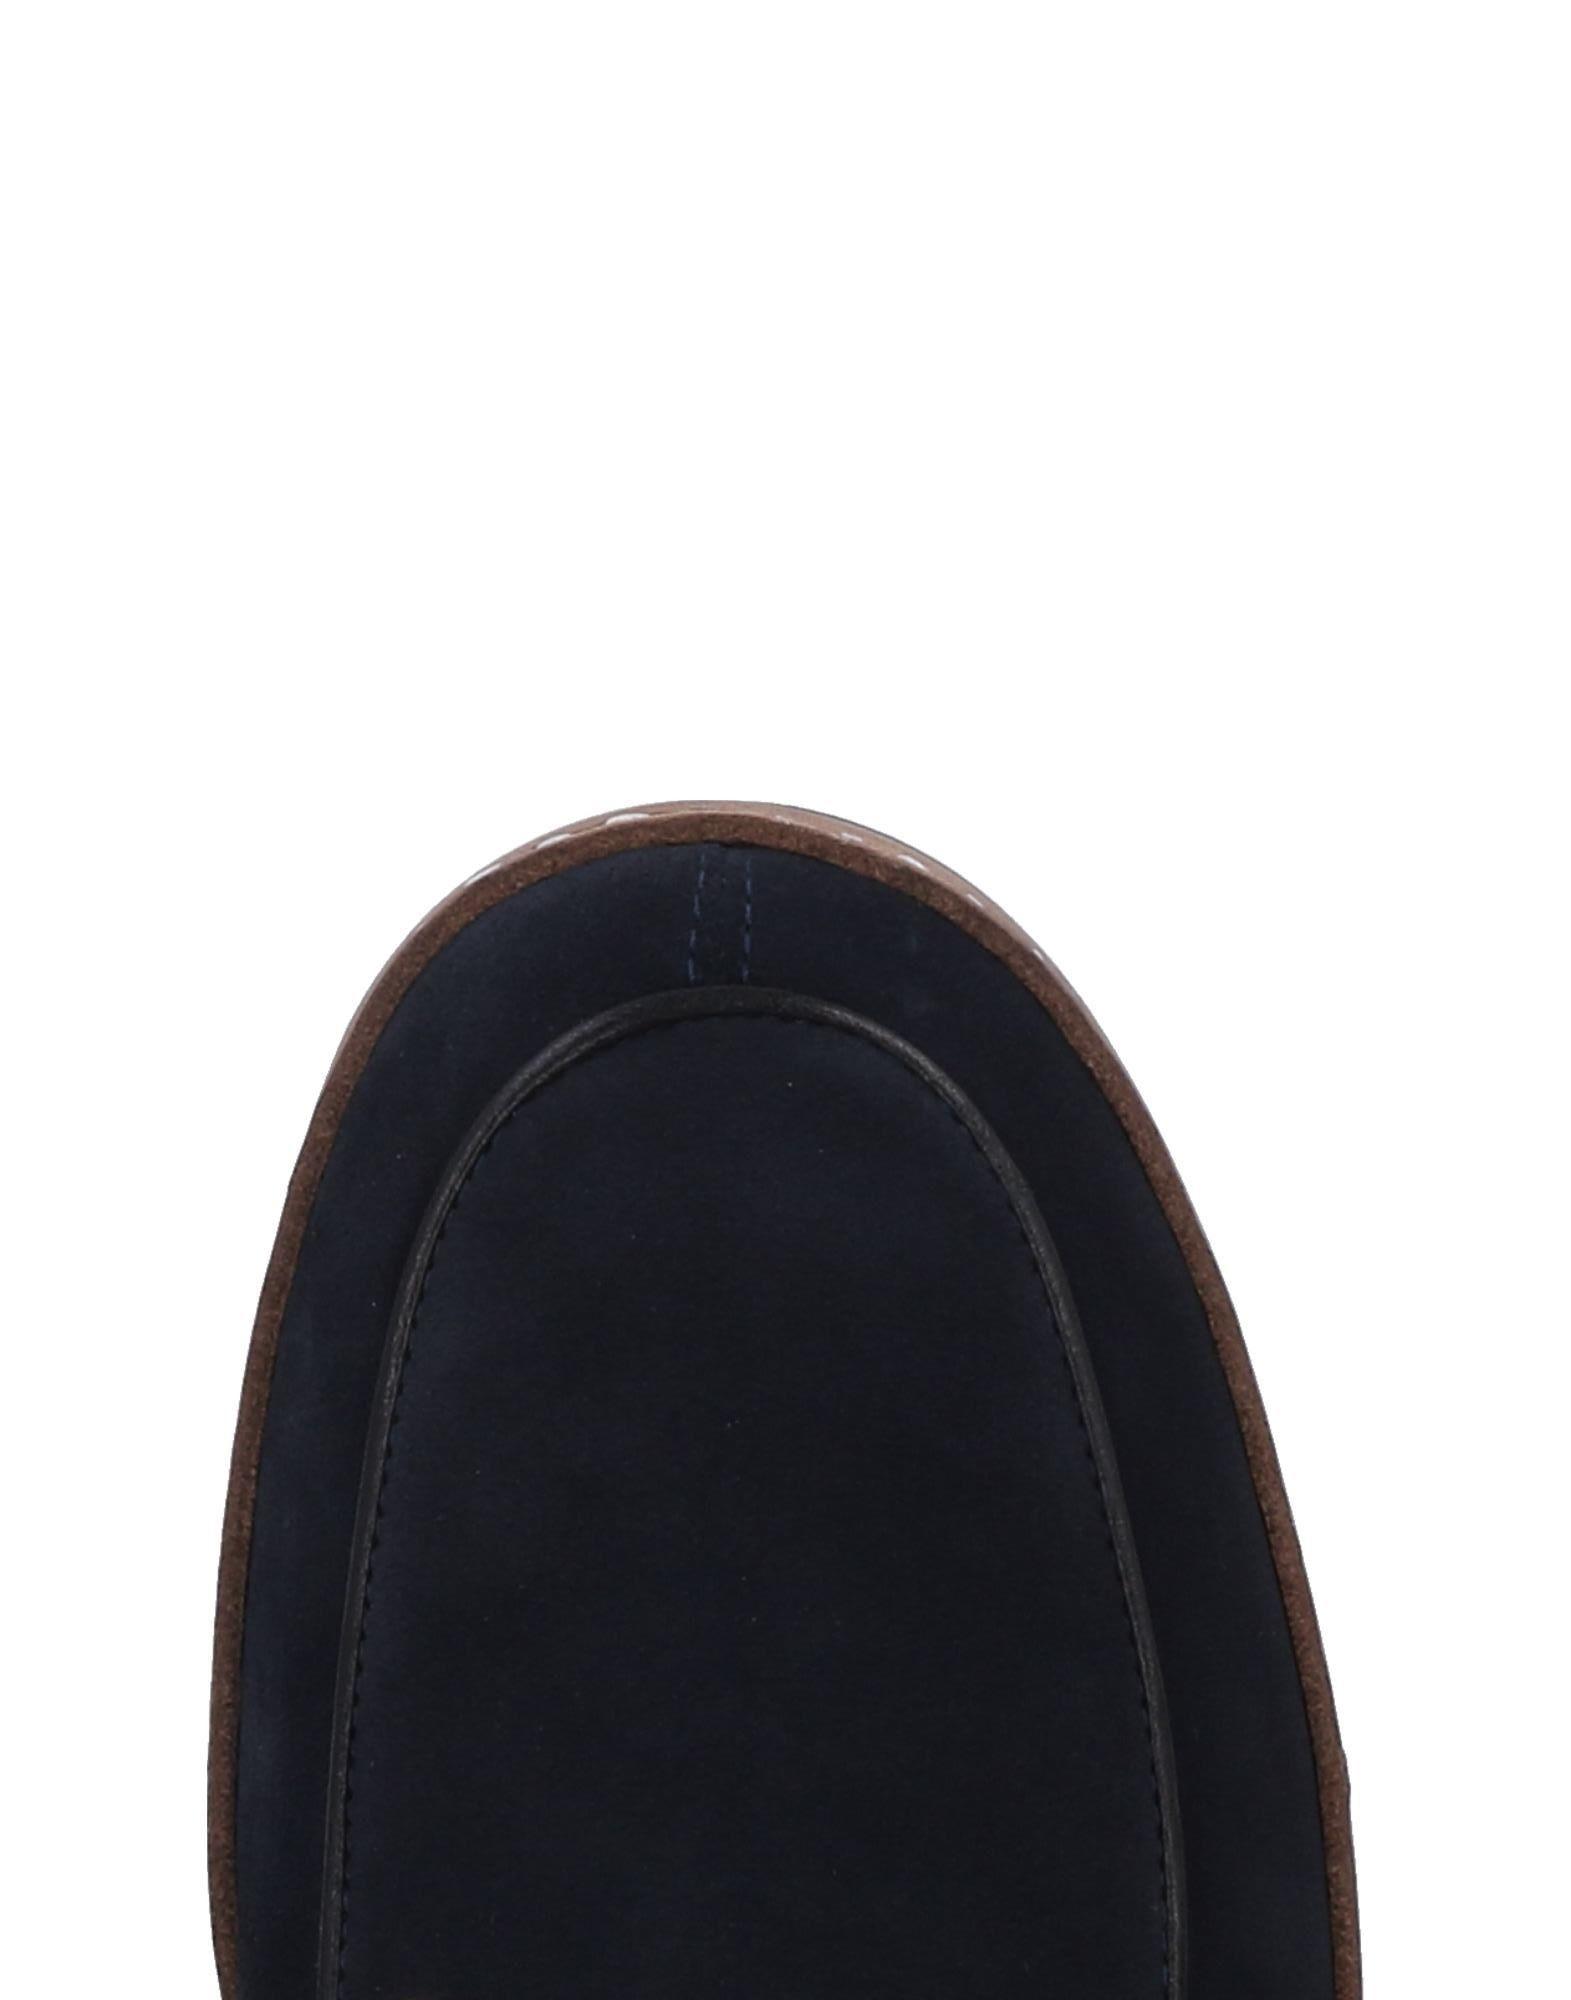 Henderson Mokassins Herren Qualität  11452327CB Gute Qualität Herren beliebte Schuhe c97a6f